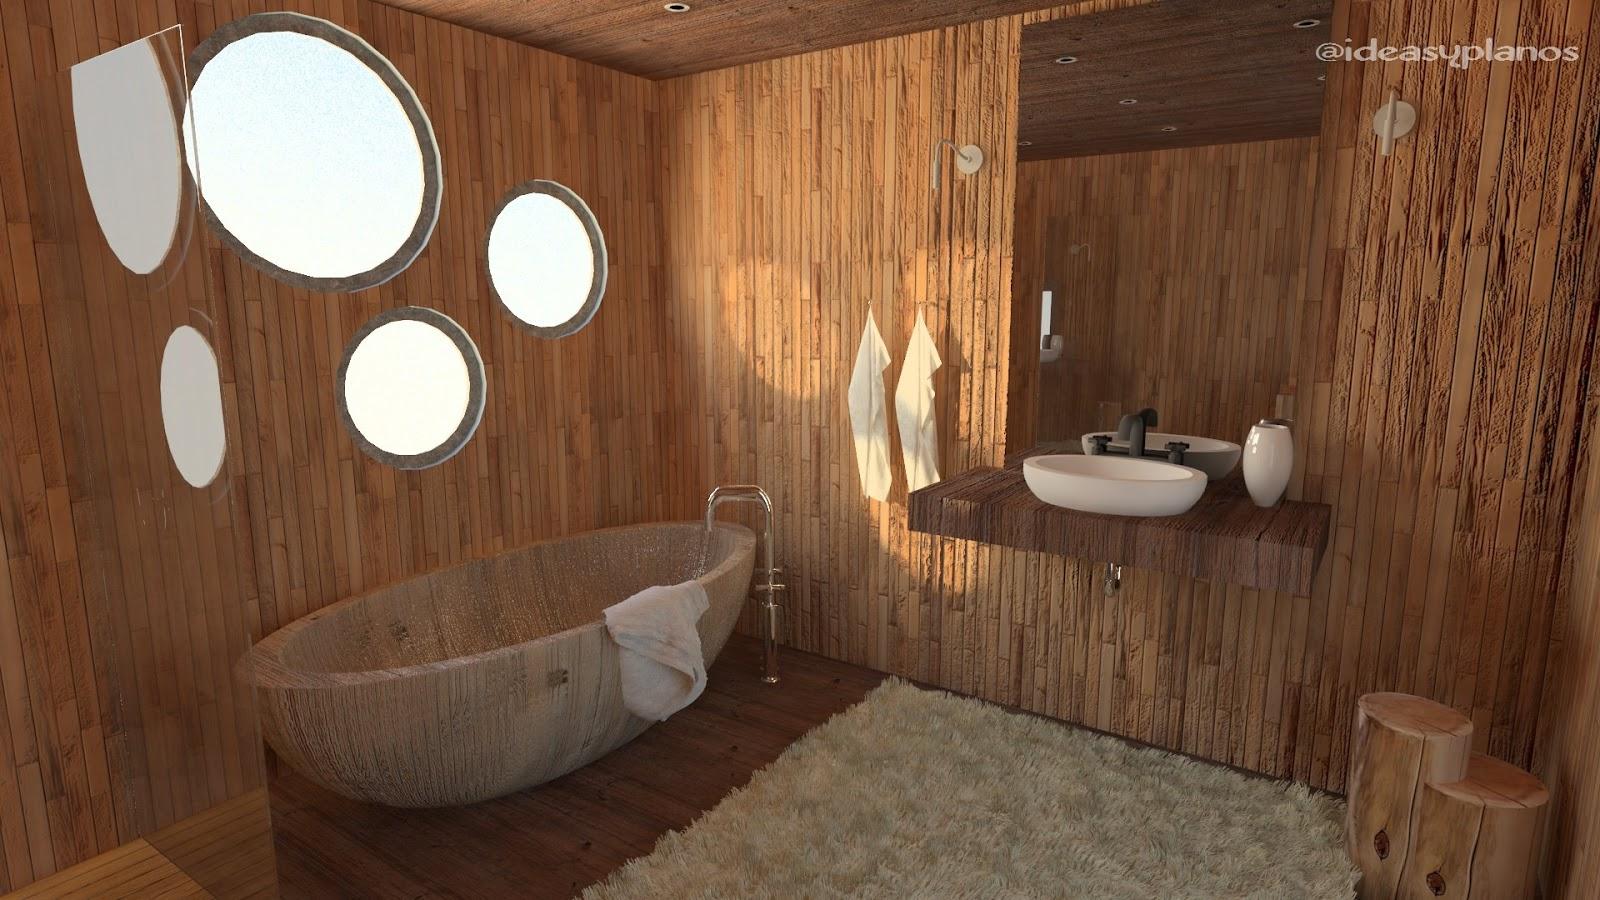 Ba os con madera un material cl sico en un ambiente moderno for Muebles de madera para banos modernos